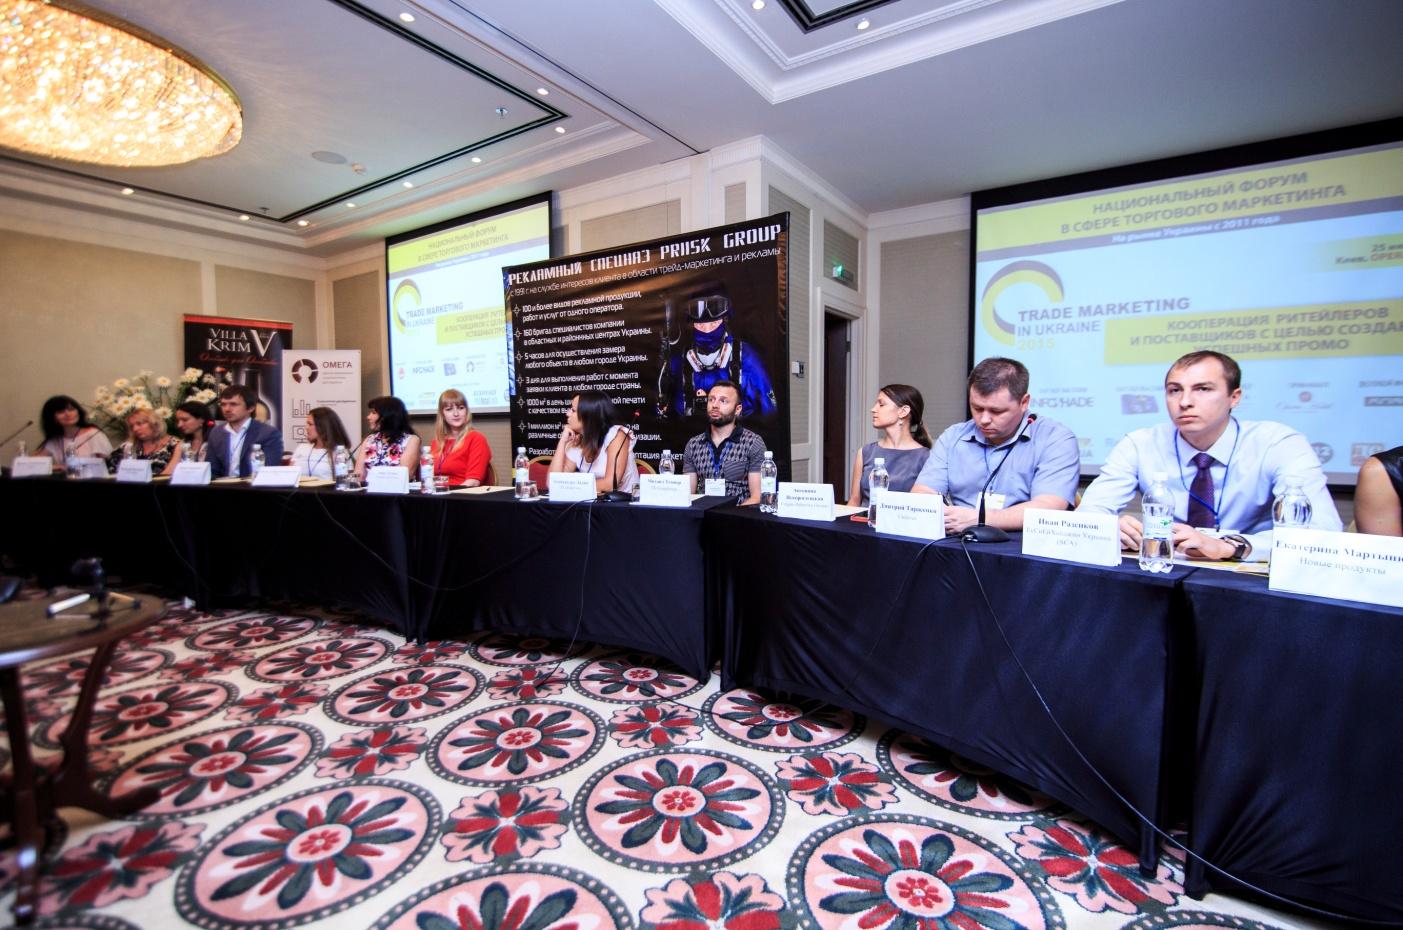 В Киеве состоится форум Trade Marketing in Ukraine 2016